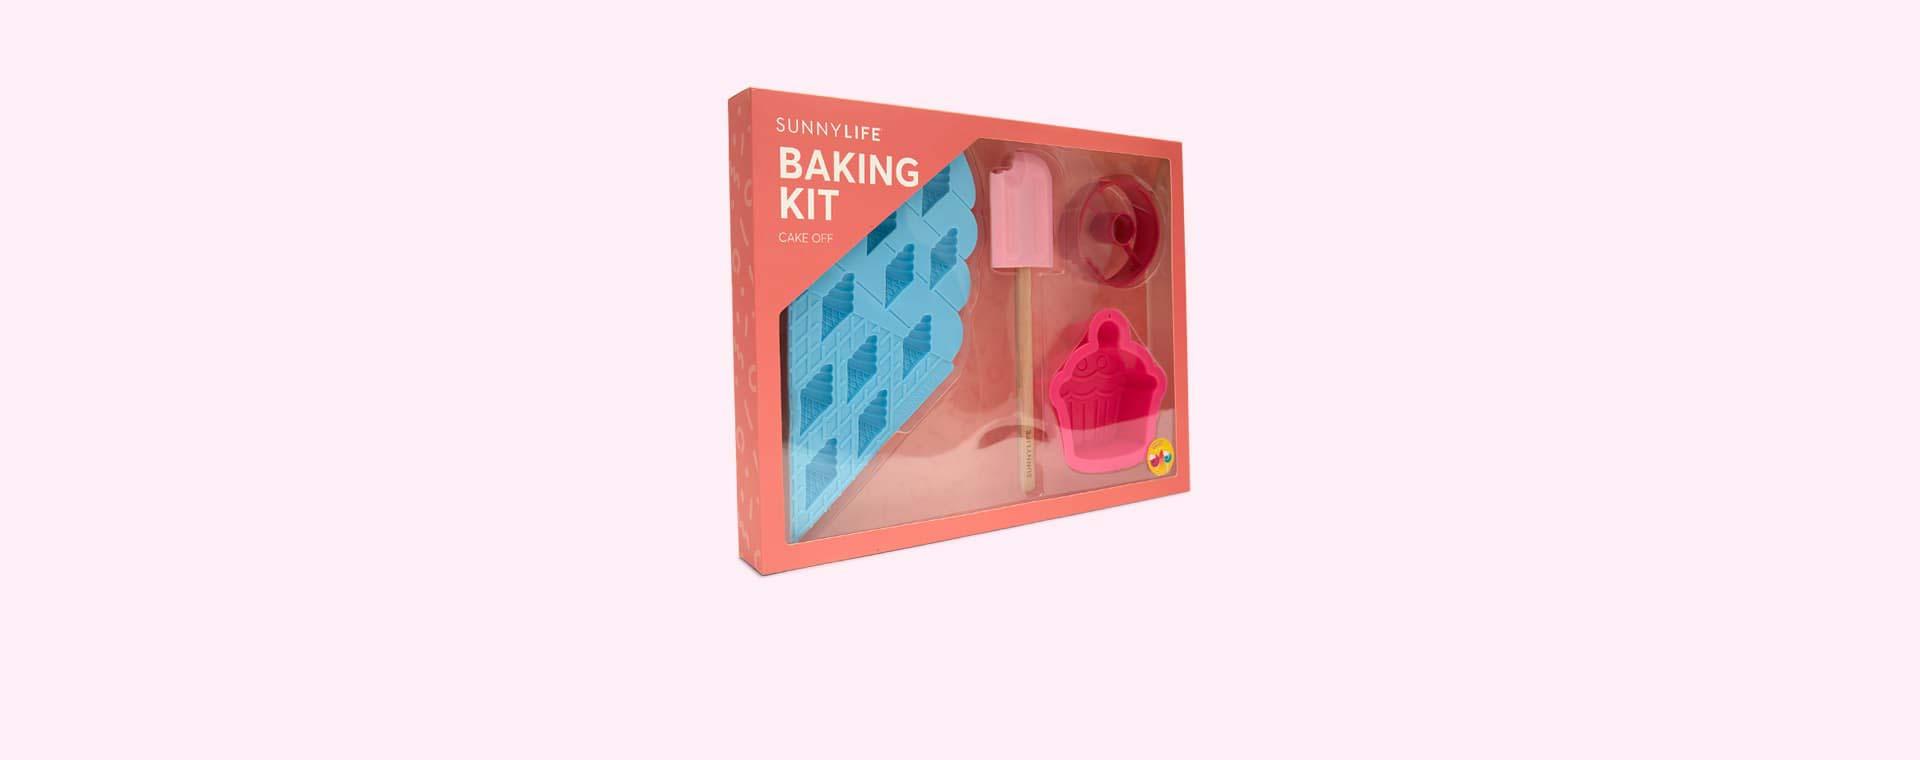 Multi Sunnylife Baking Kit Sweet Tooth